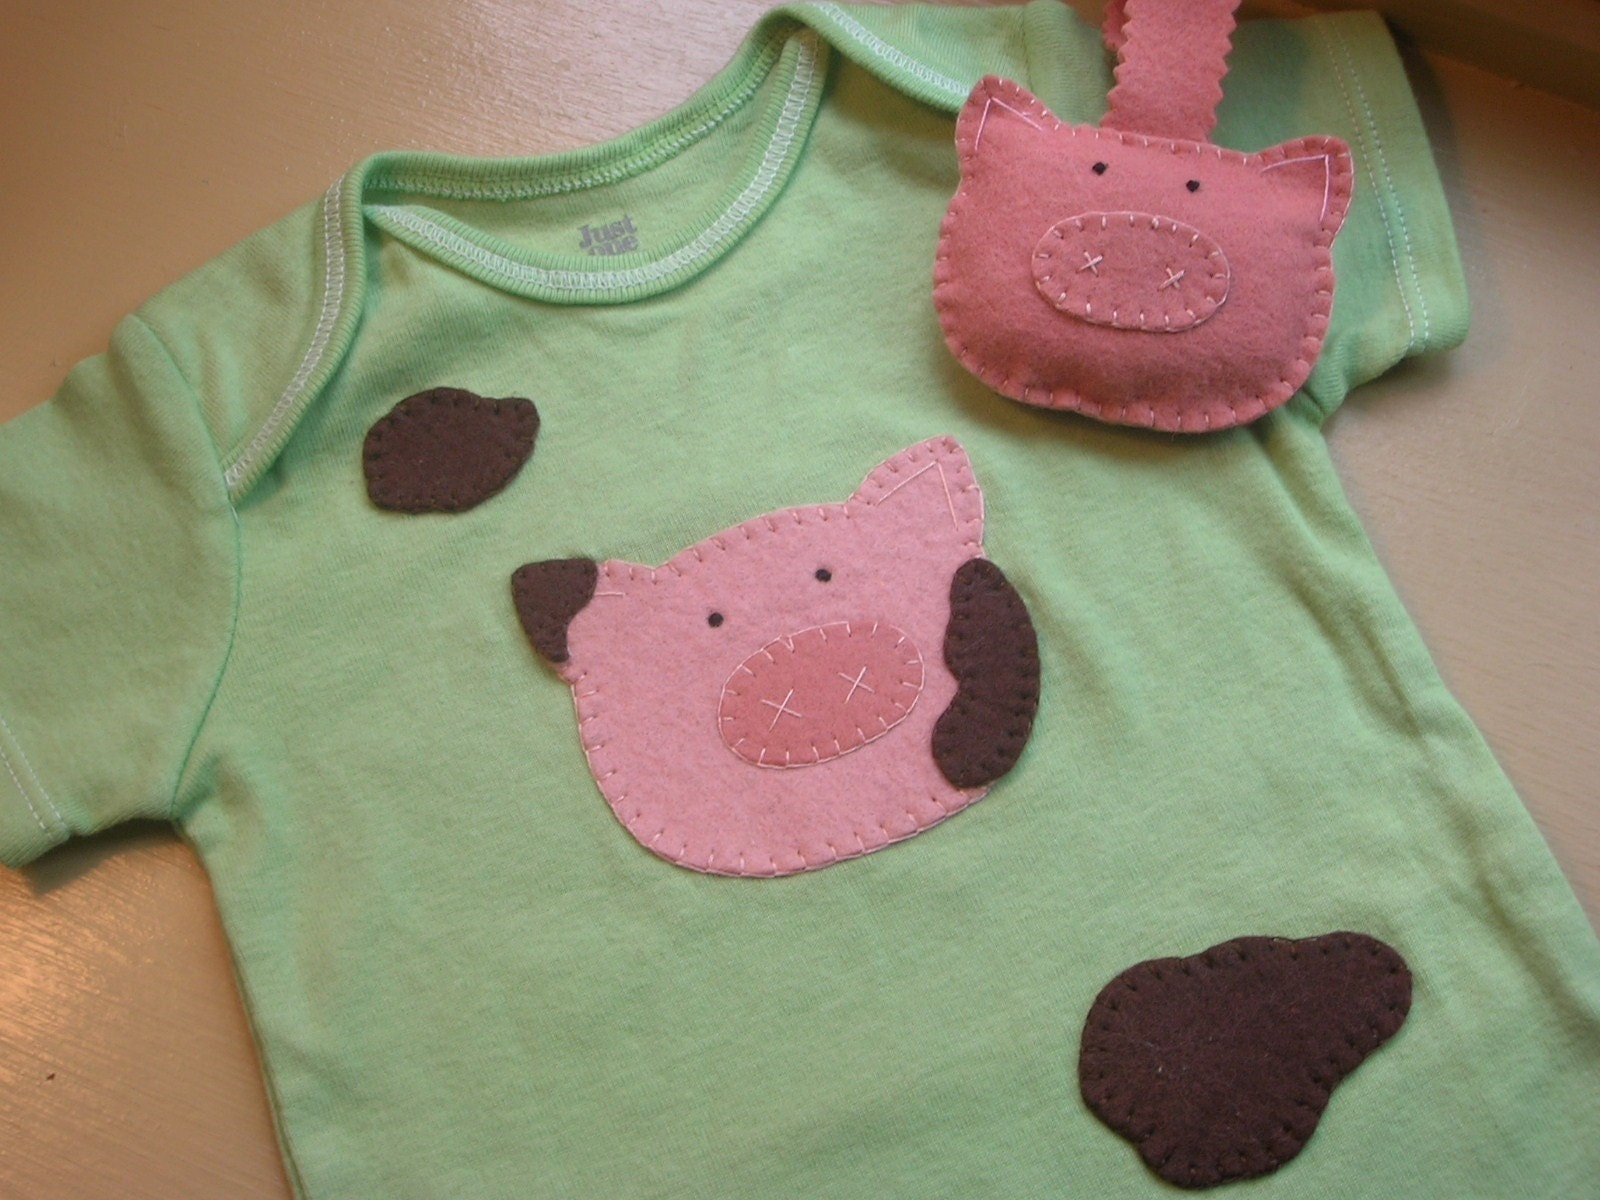 Muddy Piggy onesie and pacifier holder